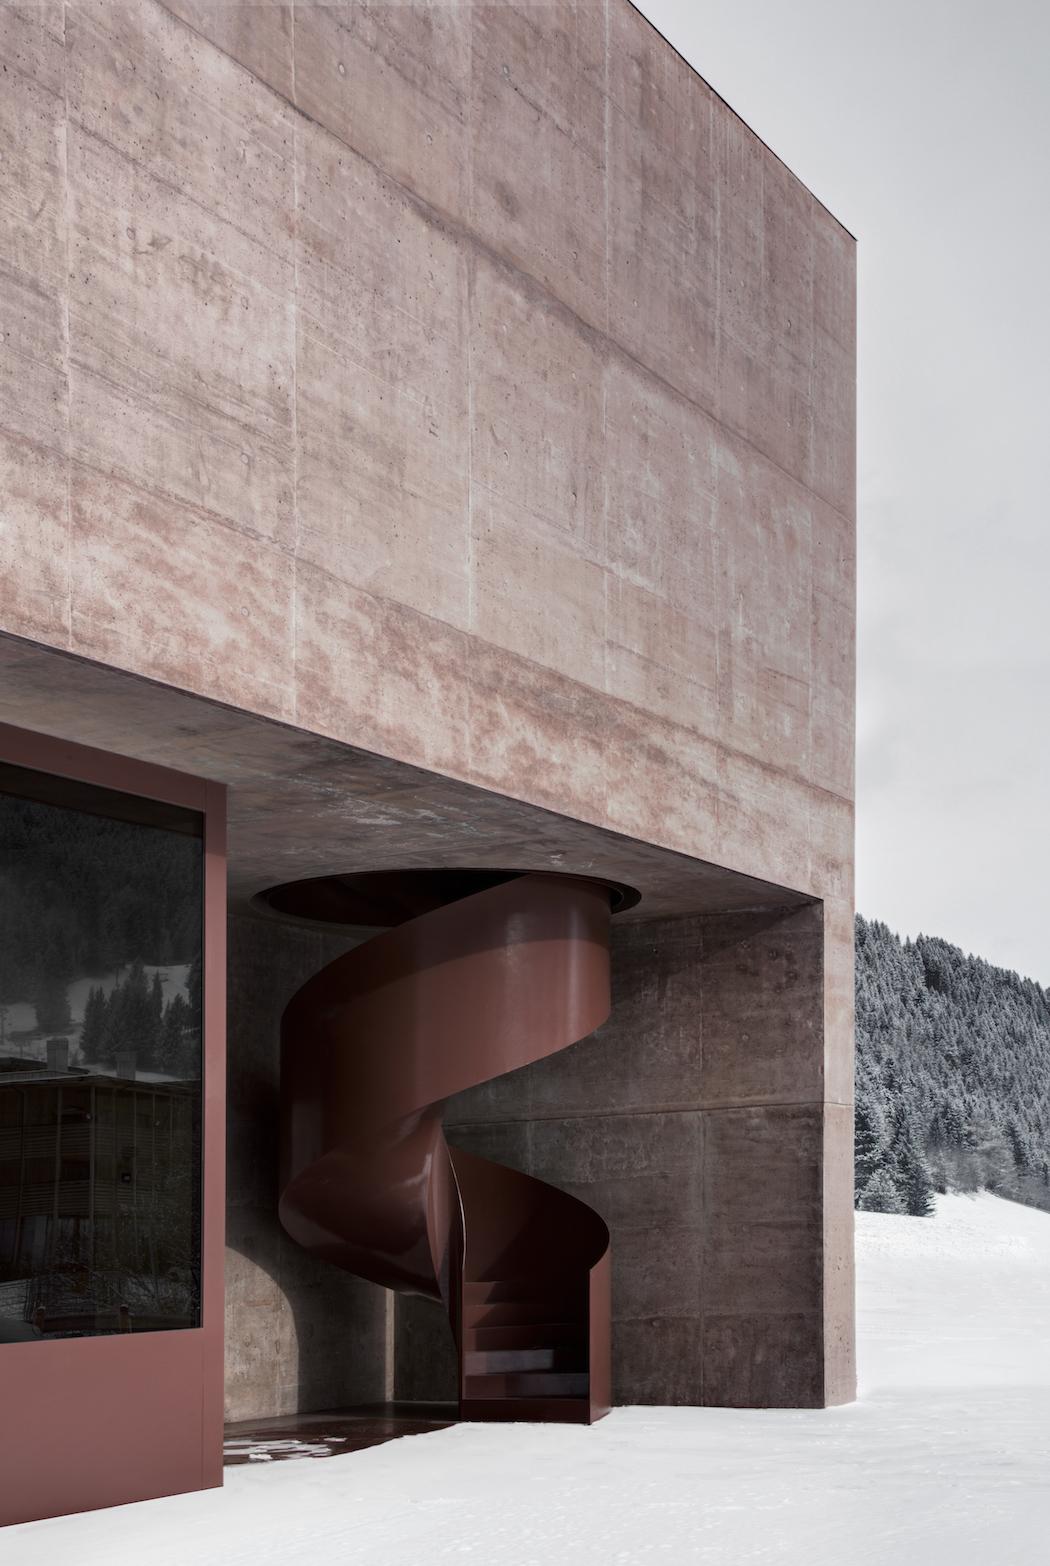 pedevilla_architecture_004